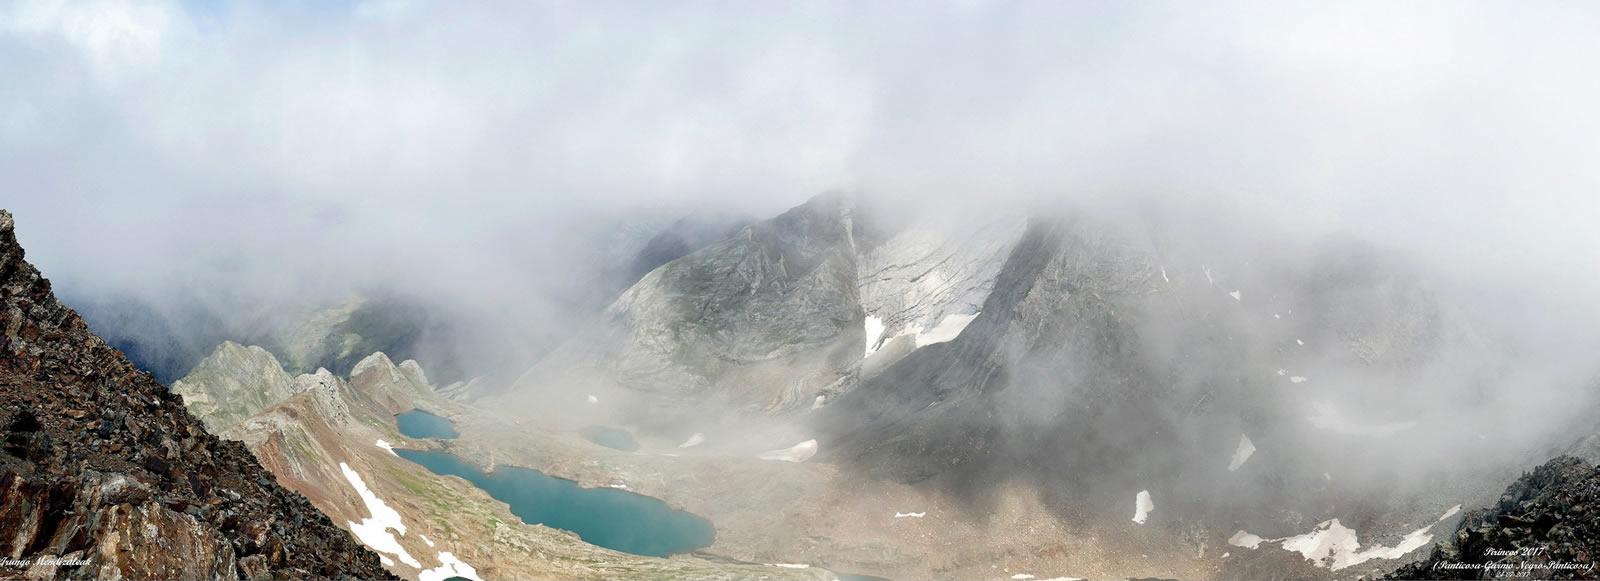 Pirineos 2017